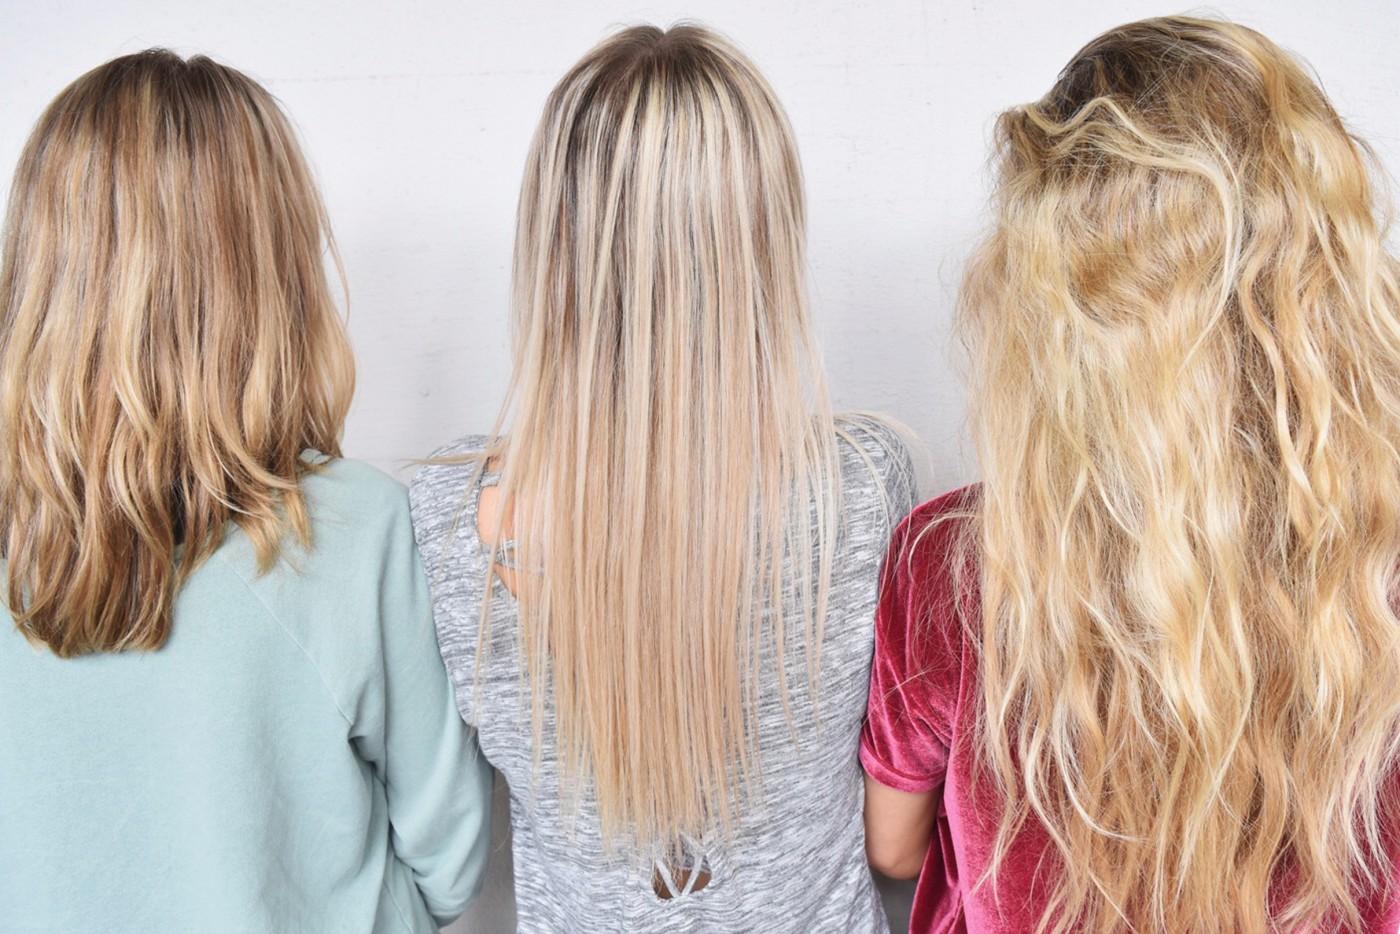 blekning av hår på kroppen